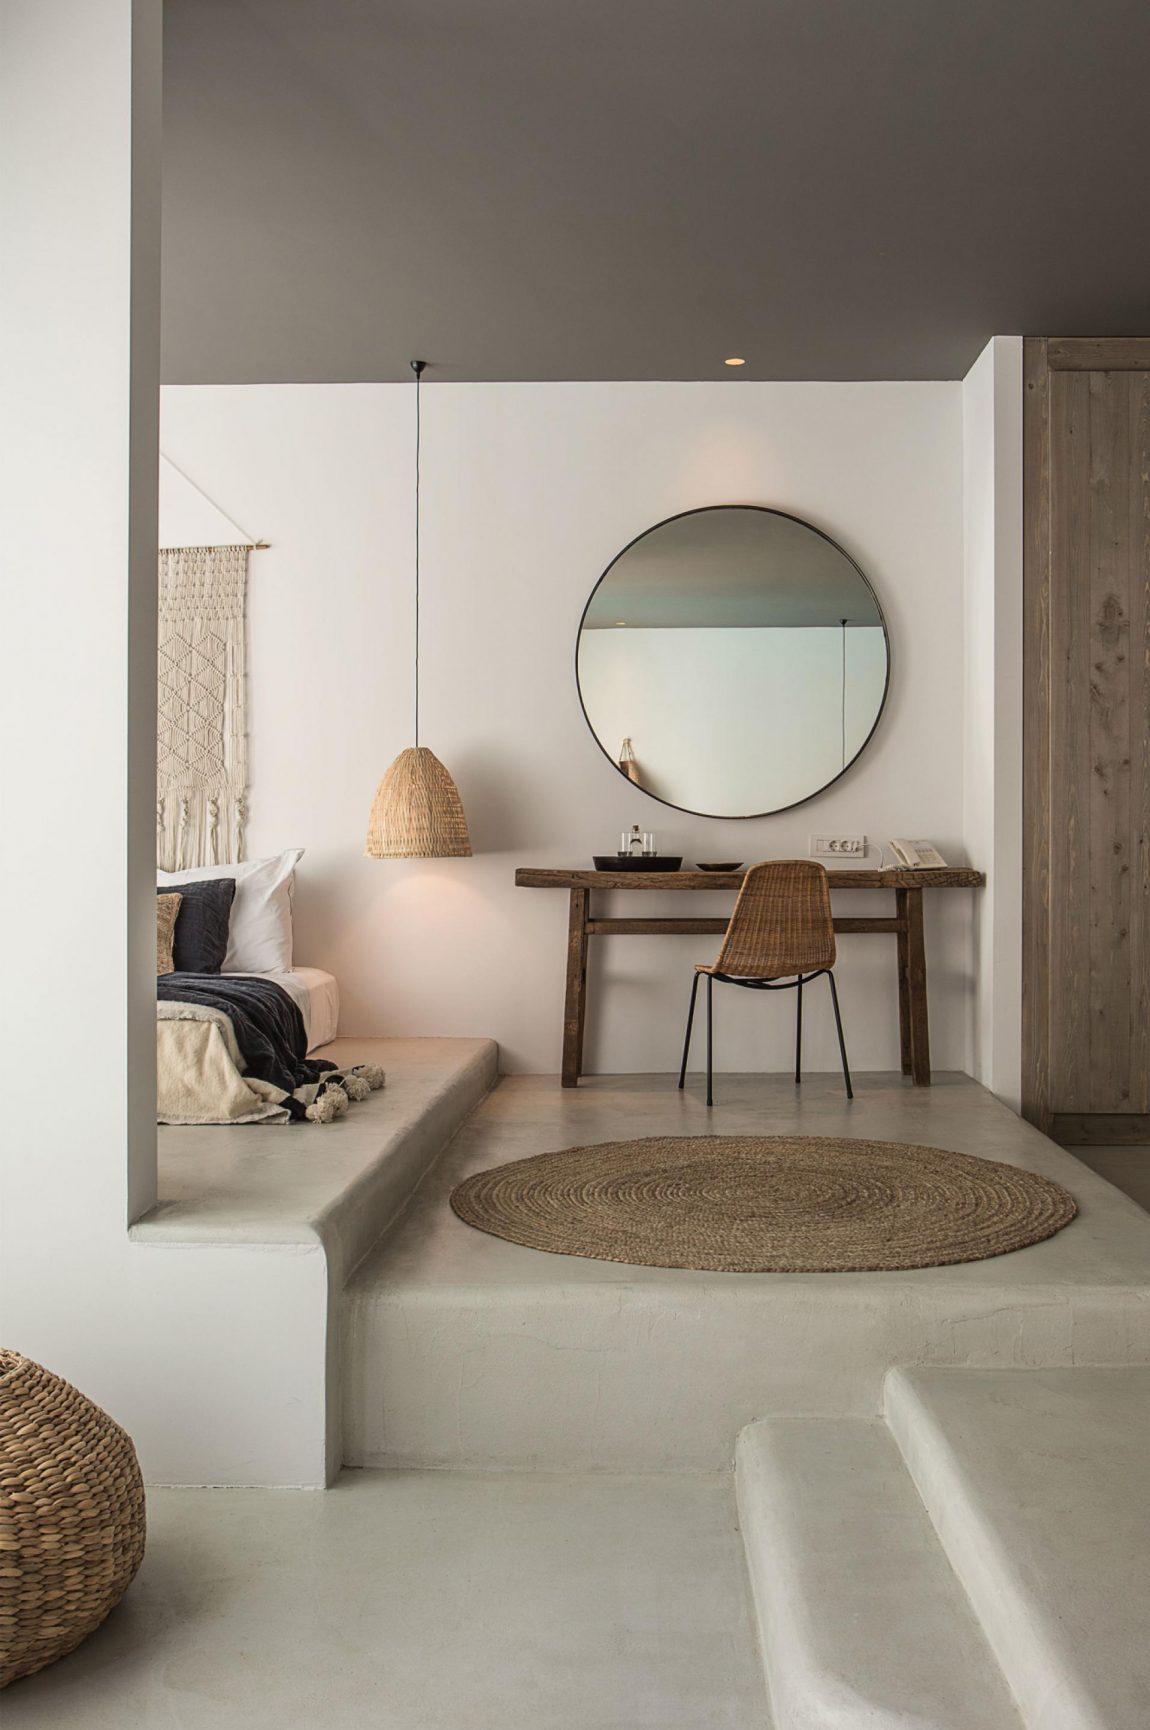 ronde-spiegel-slaapkamer